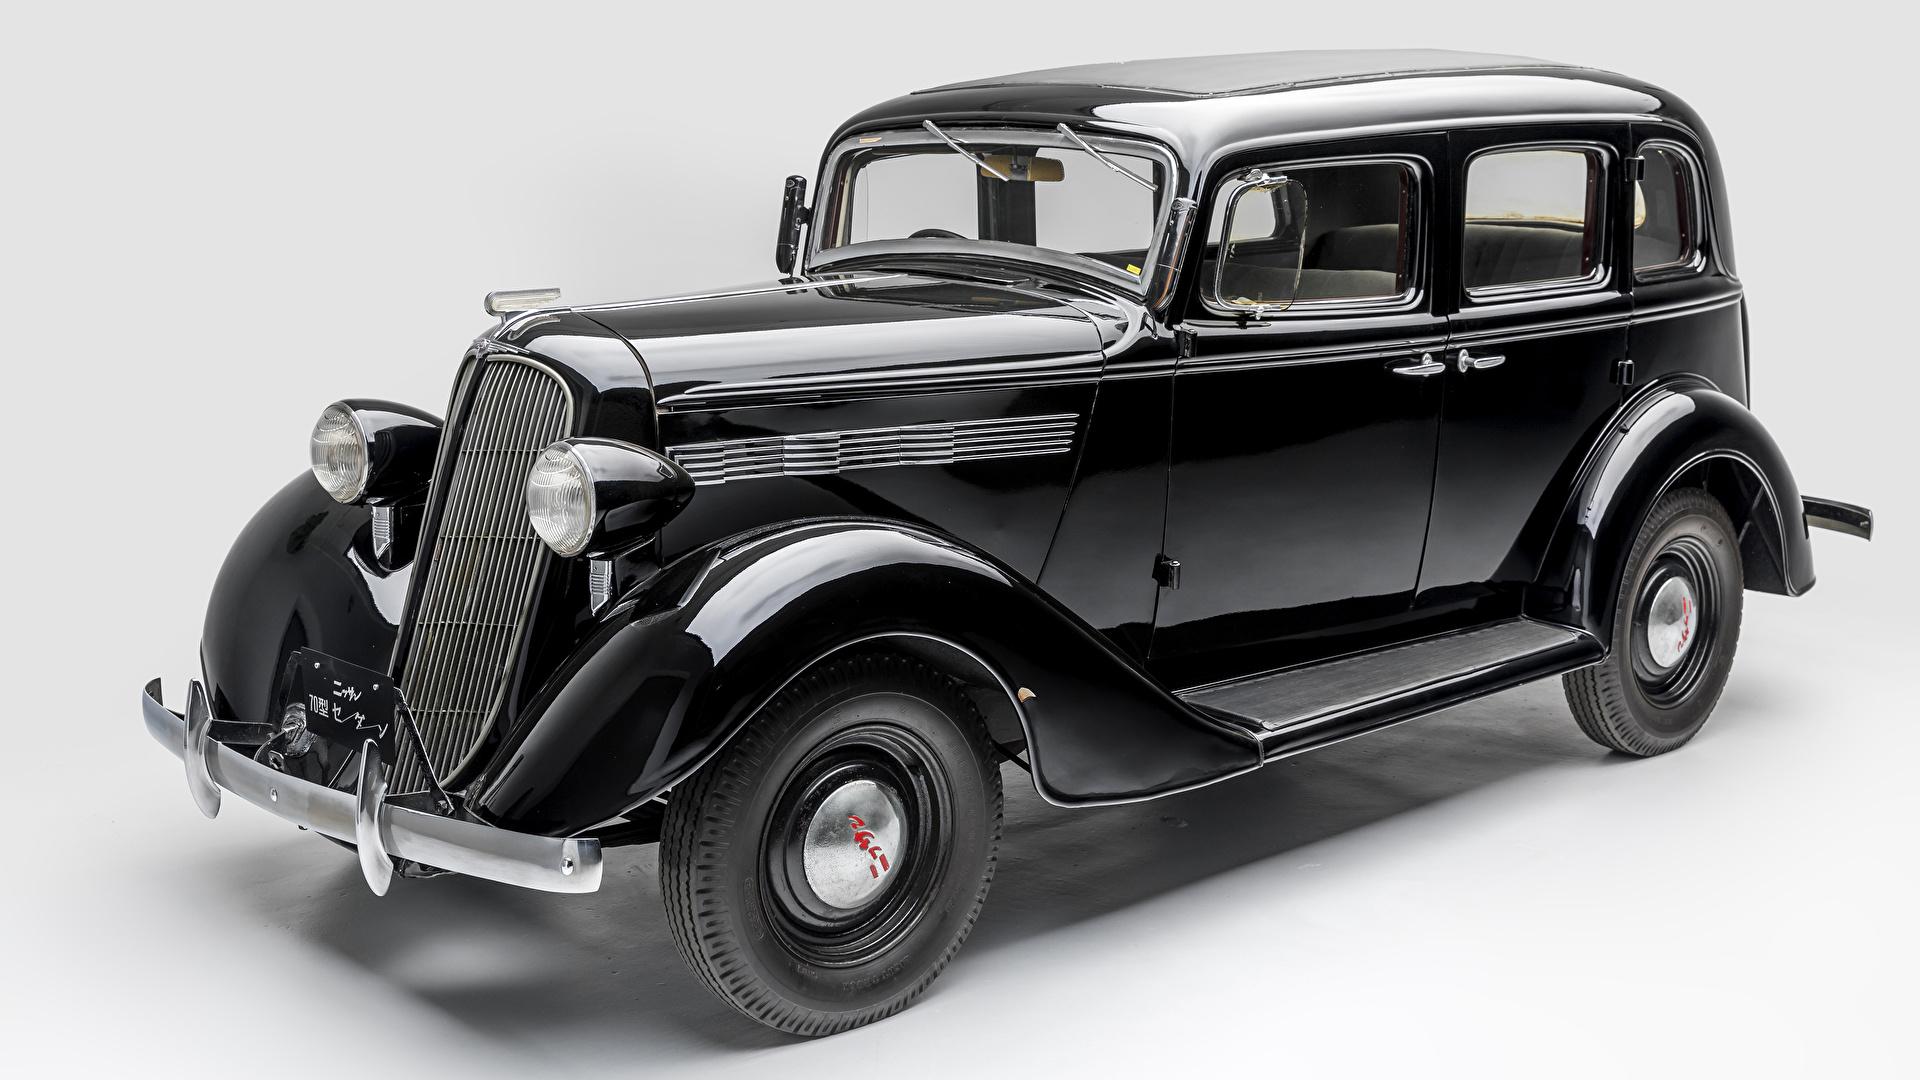 Обои Ниссан 1937-39 Nissan 70 Ретро черных машина Металлик сером фоне 1920x1080 Черный черные черная Винтаж старинные авто машины автомобиль Автомобили Серый фон